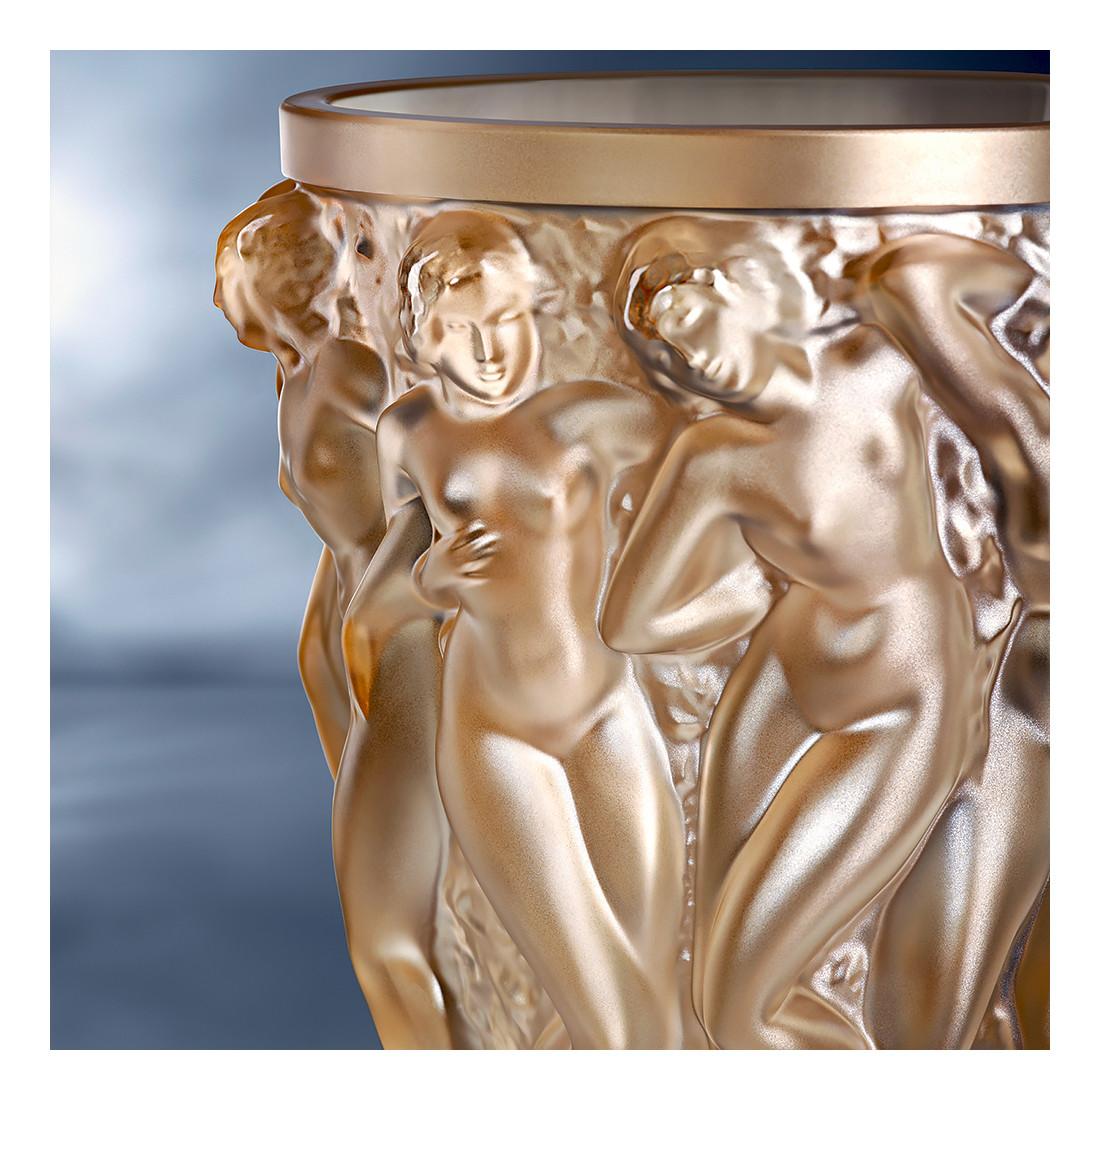 lalique bacchantes vase large of vase lalique bacchantes 10547100 in bacchantes vase in gold luster crystal lalique